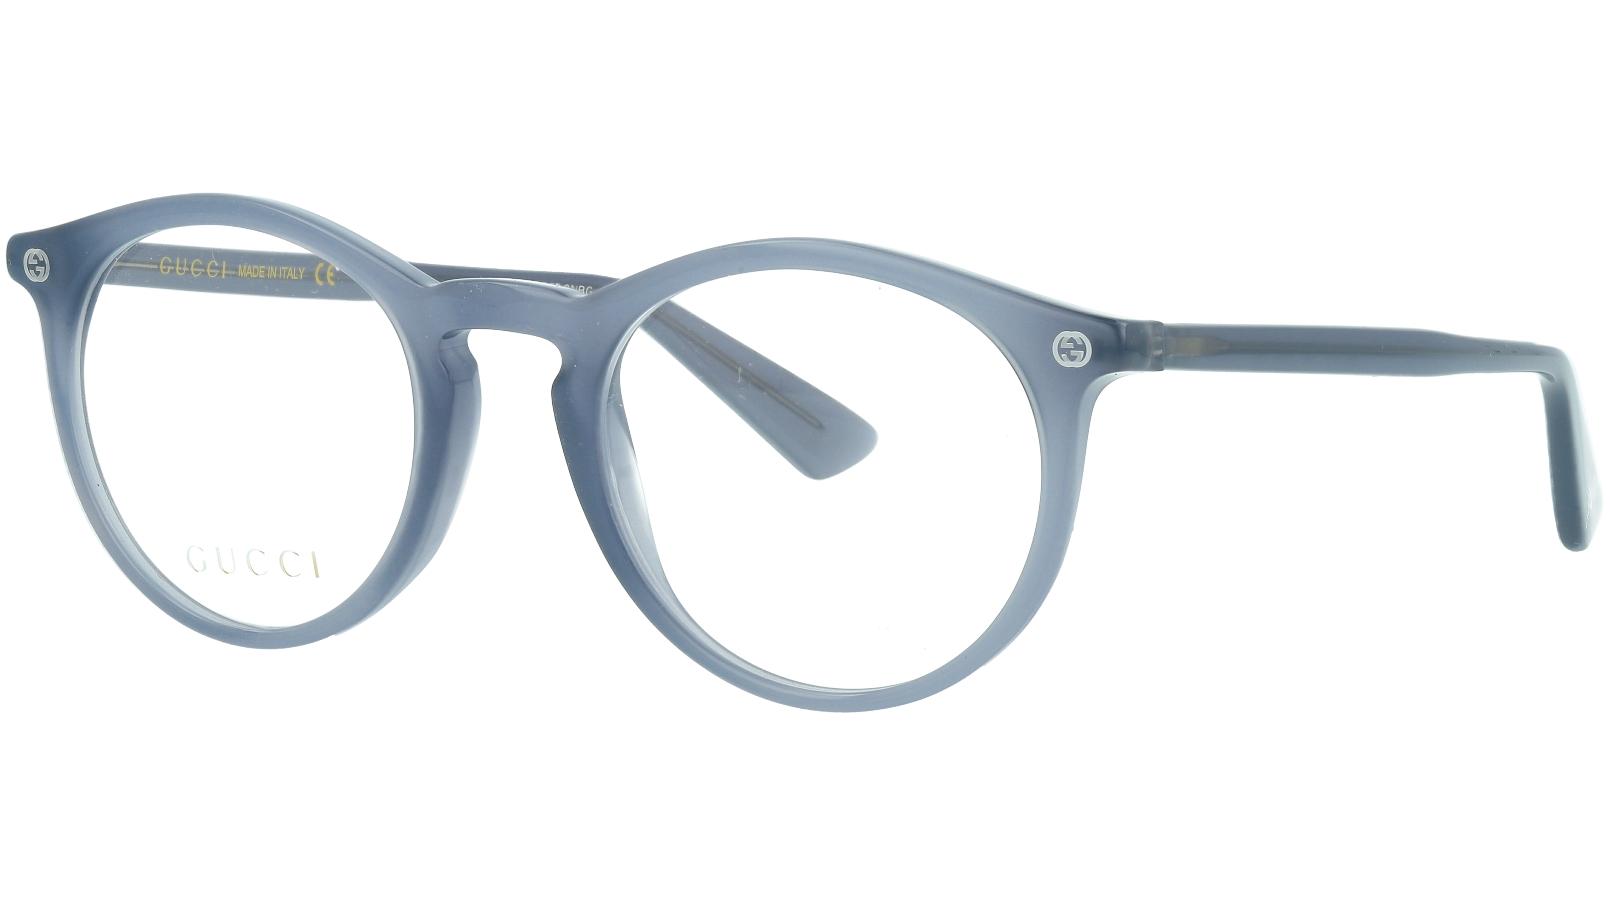 Gucci GG0121O 005 49 GREY Glasses